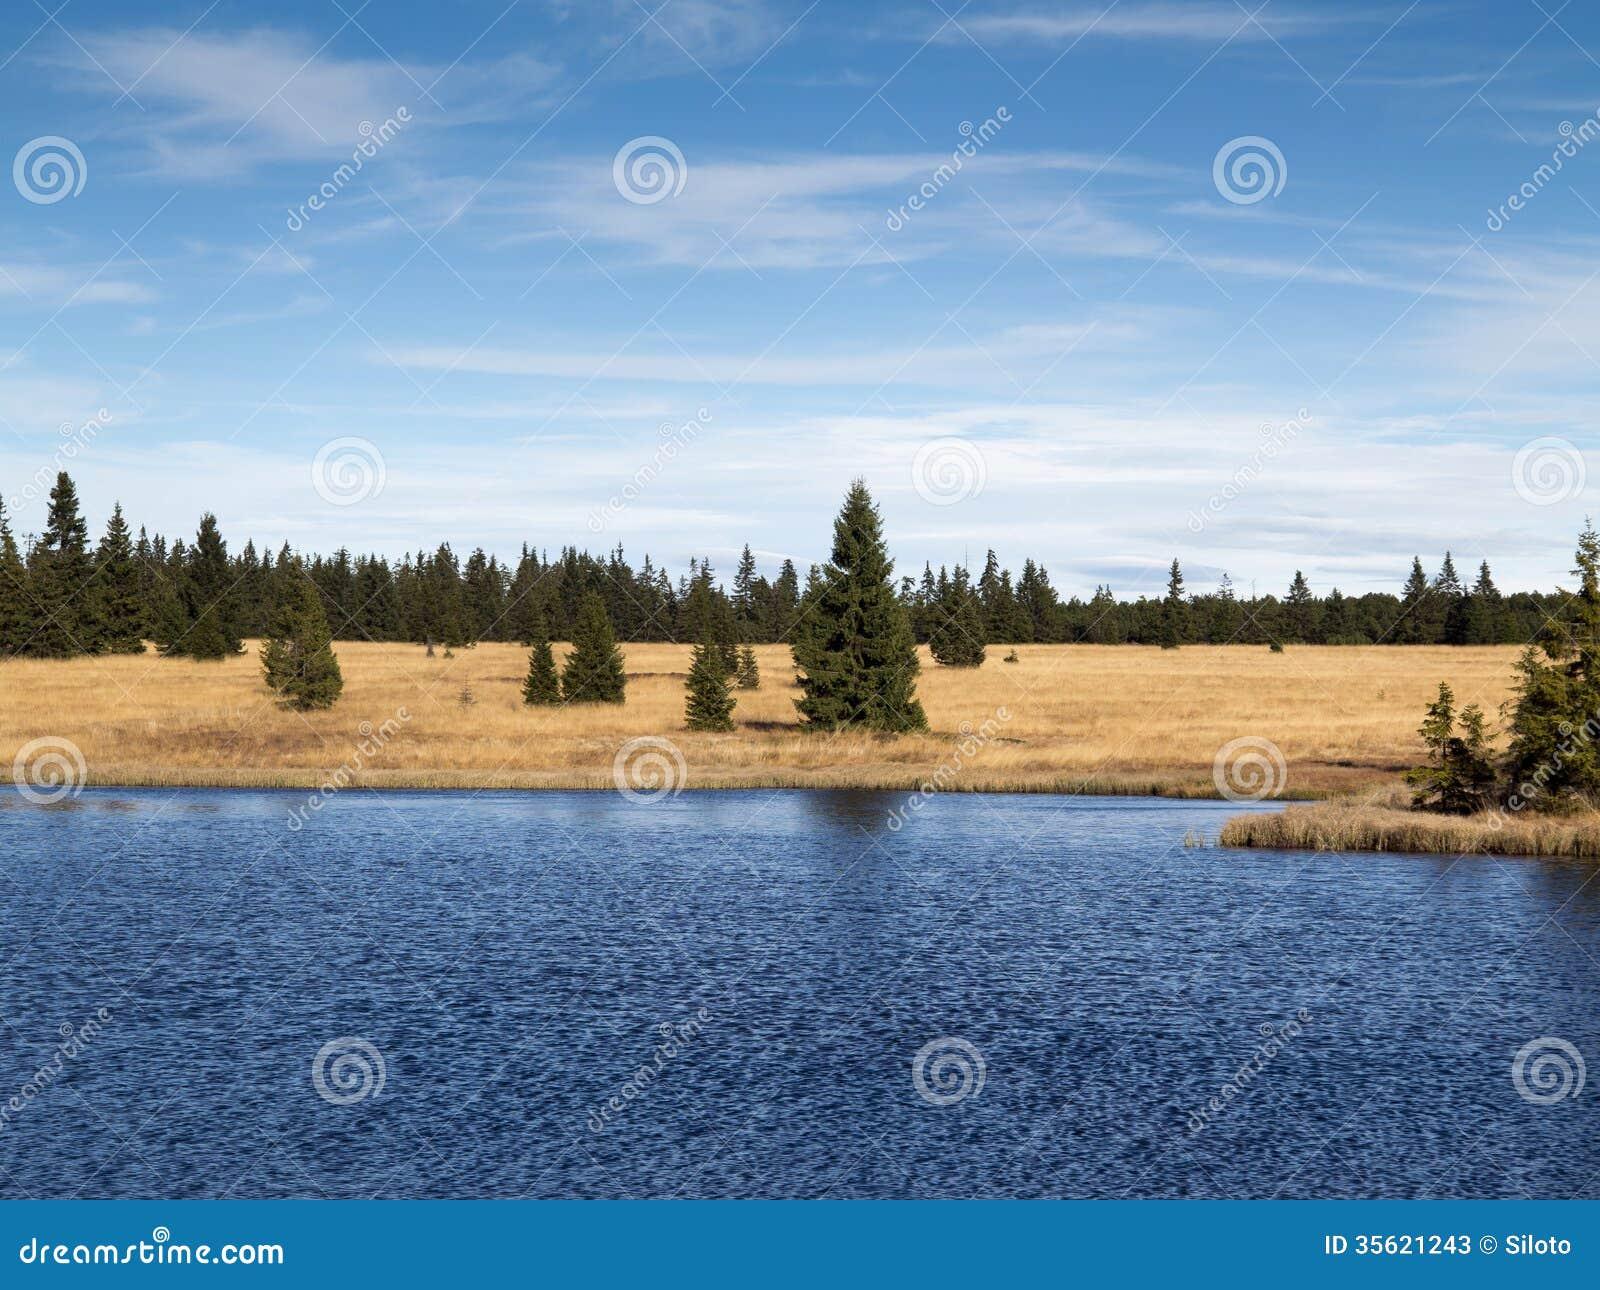 Black Pond Woods Nature Area